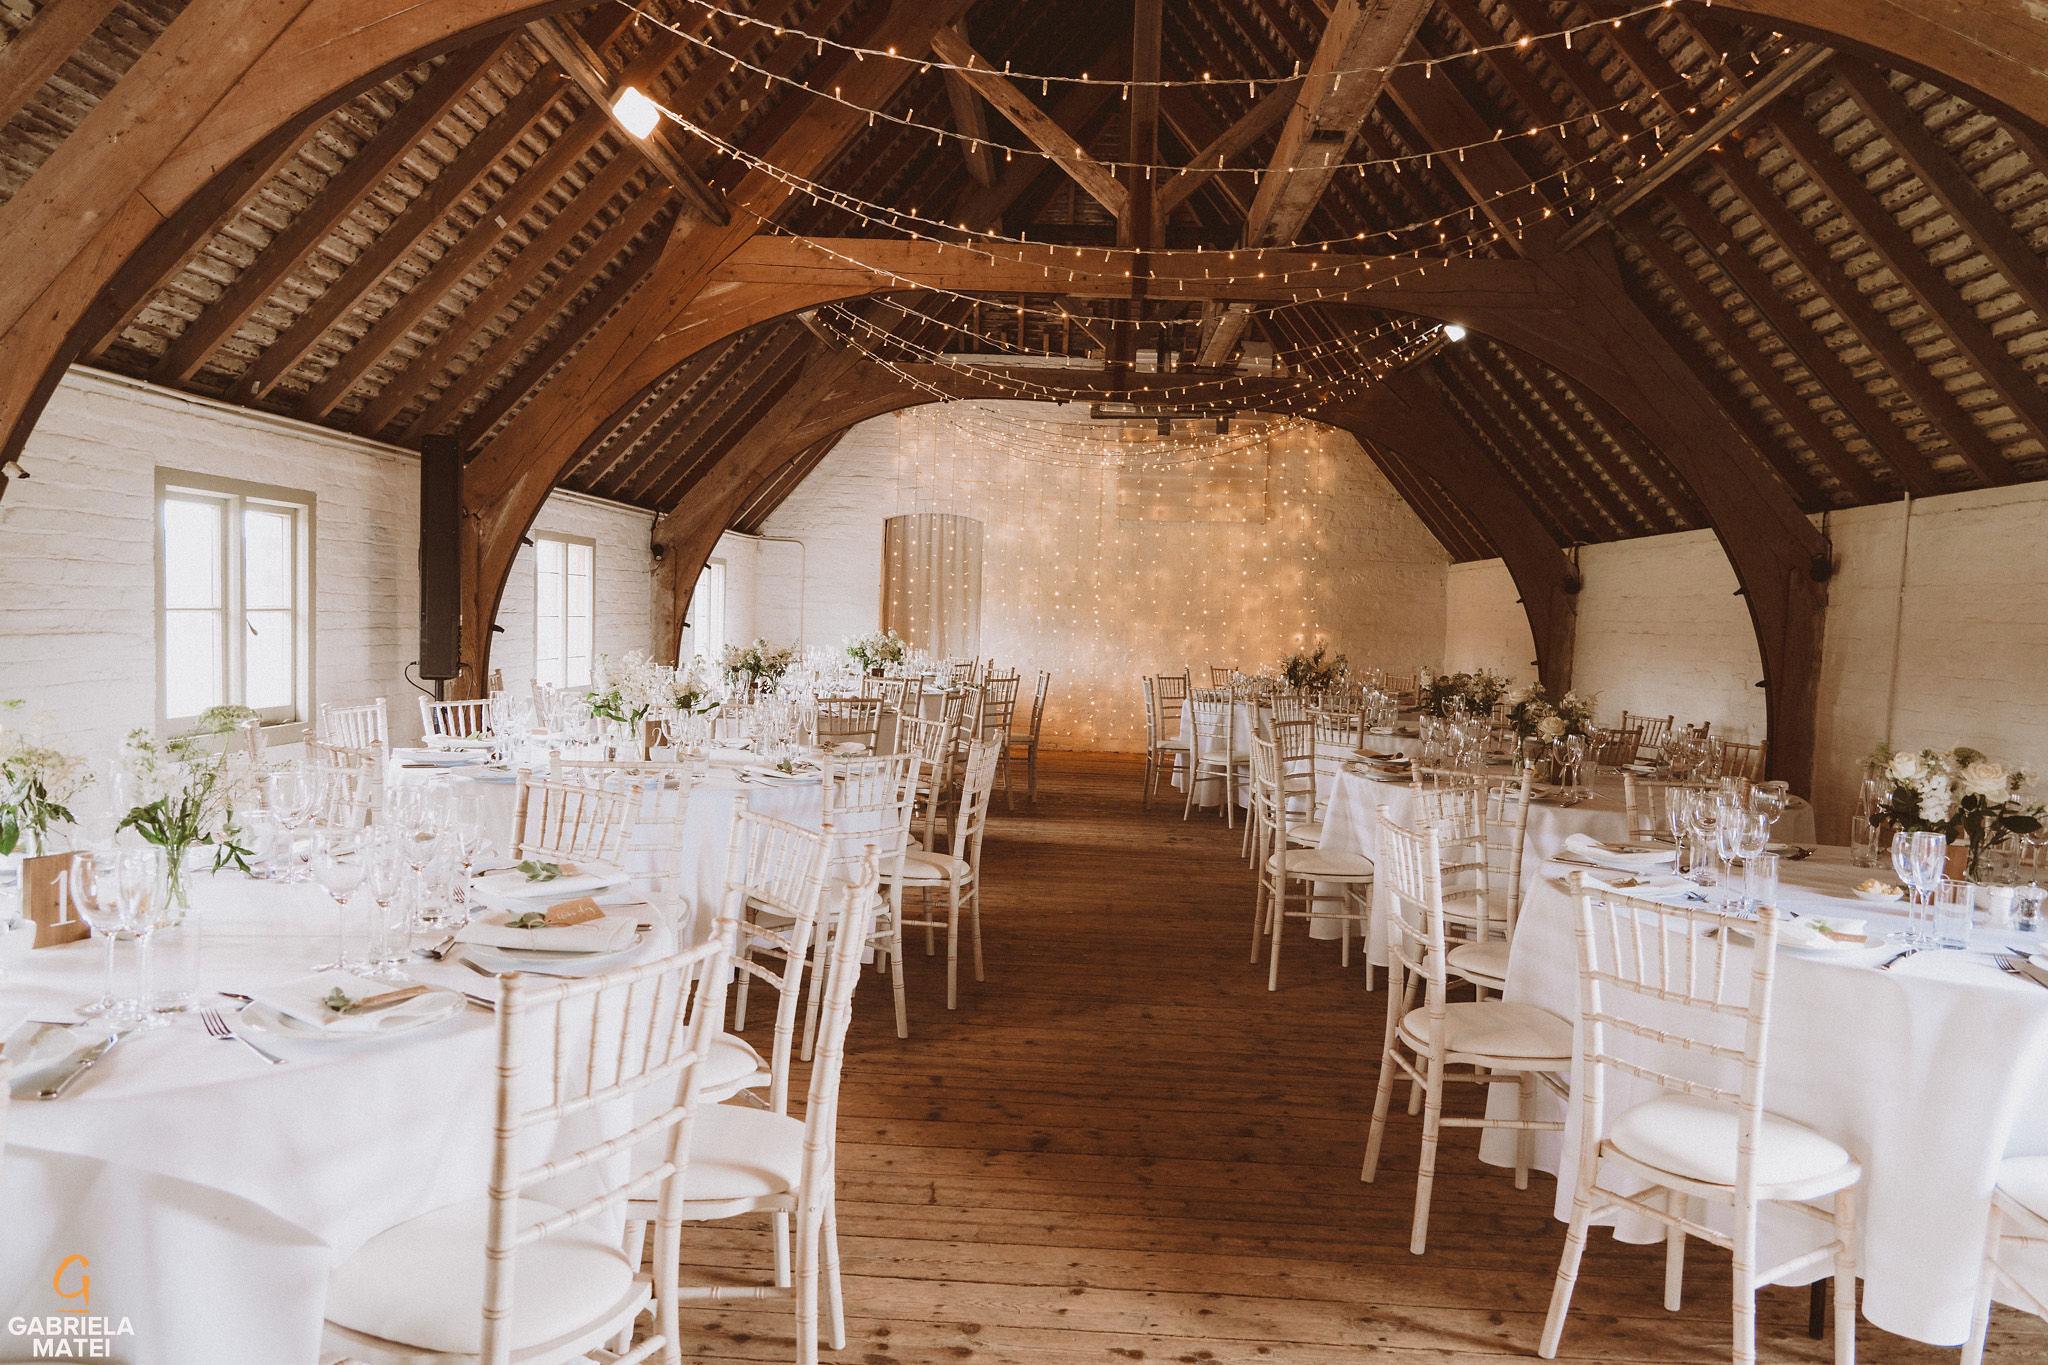 Wedding decor in South Stoke Barn wedding venue, Arundel